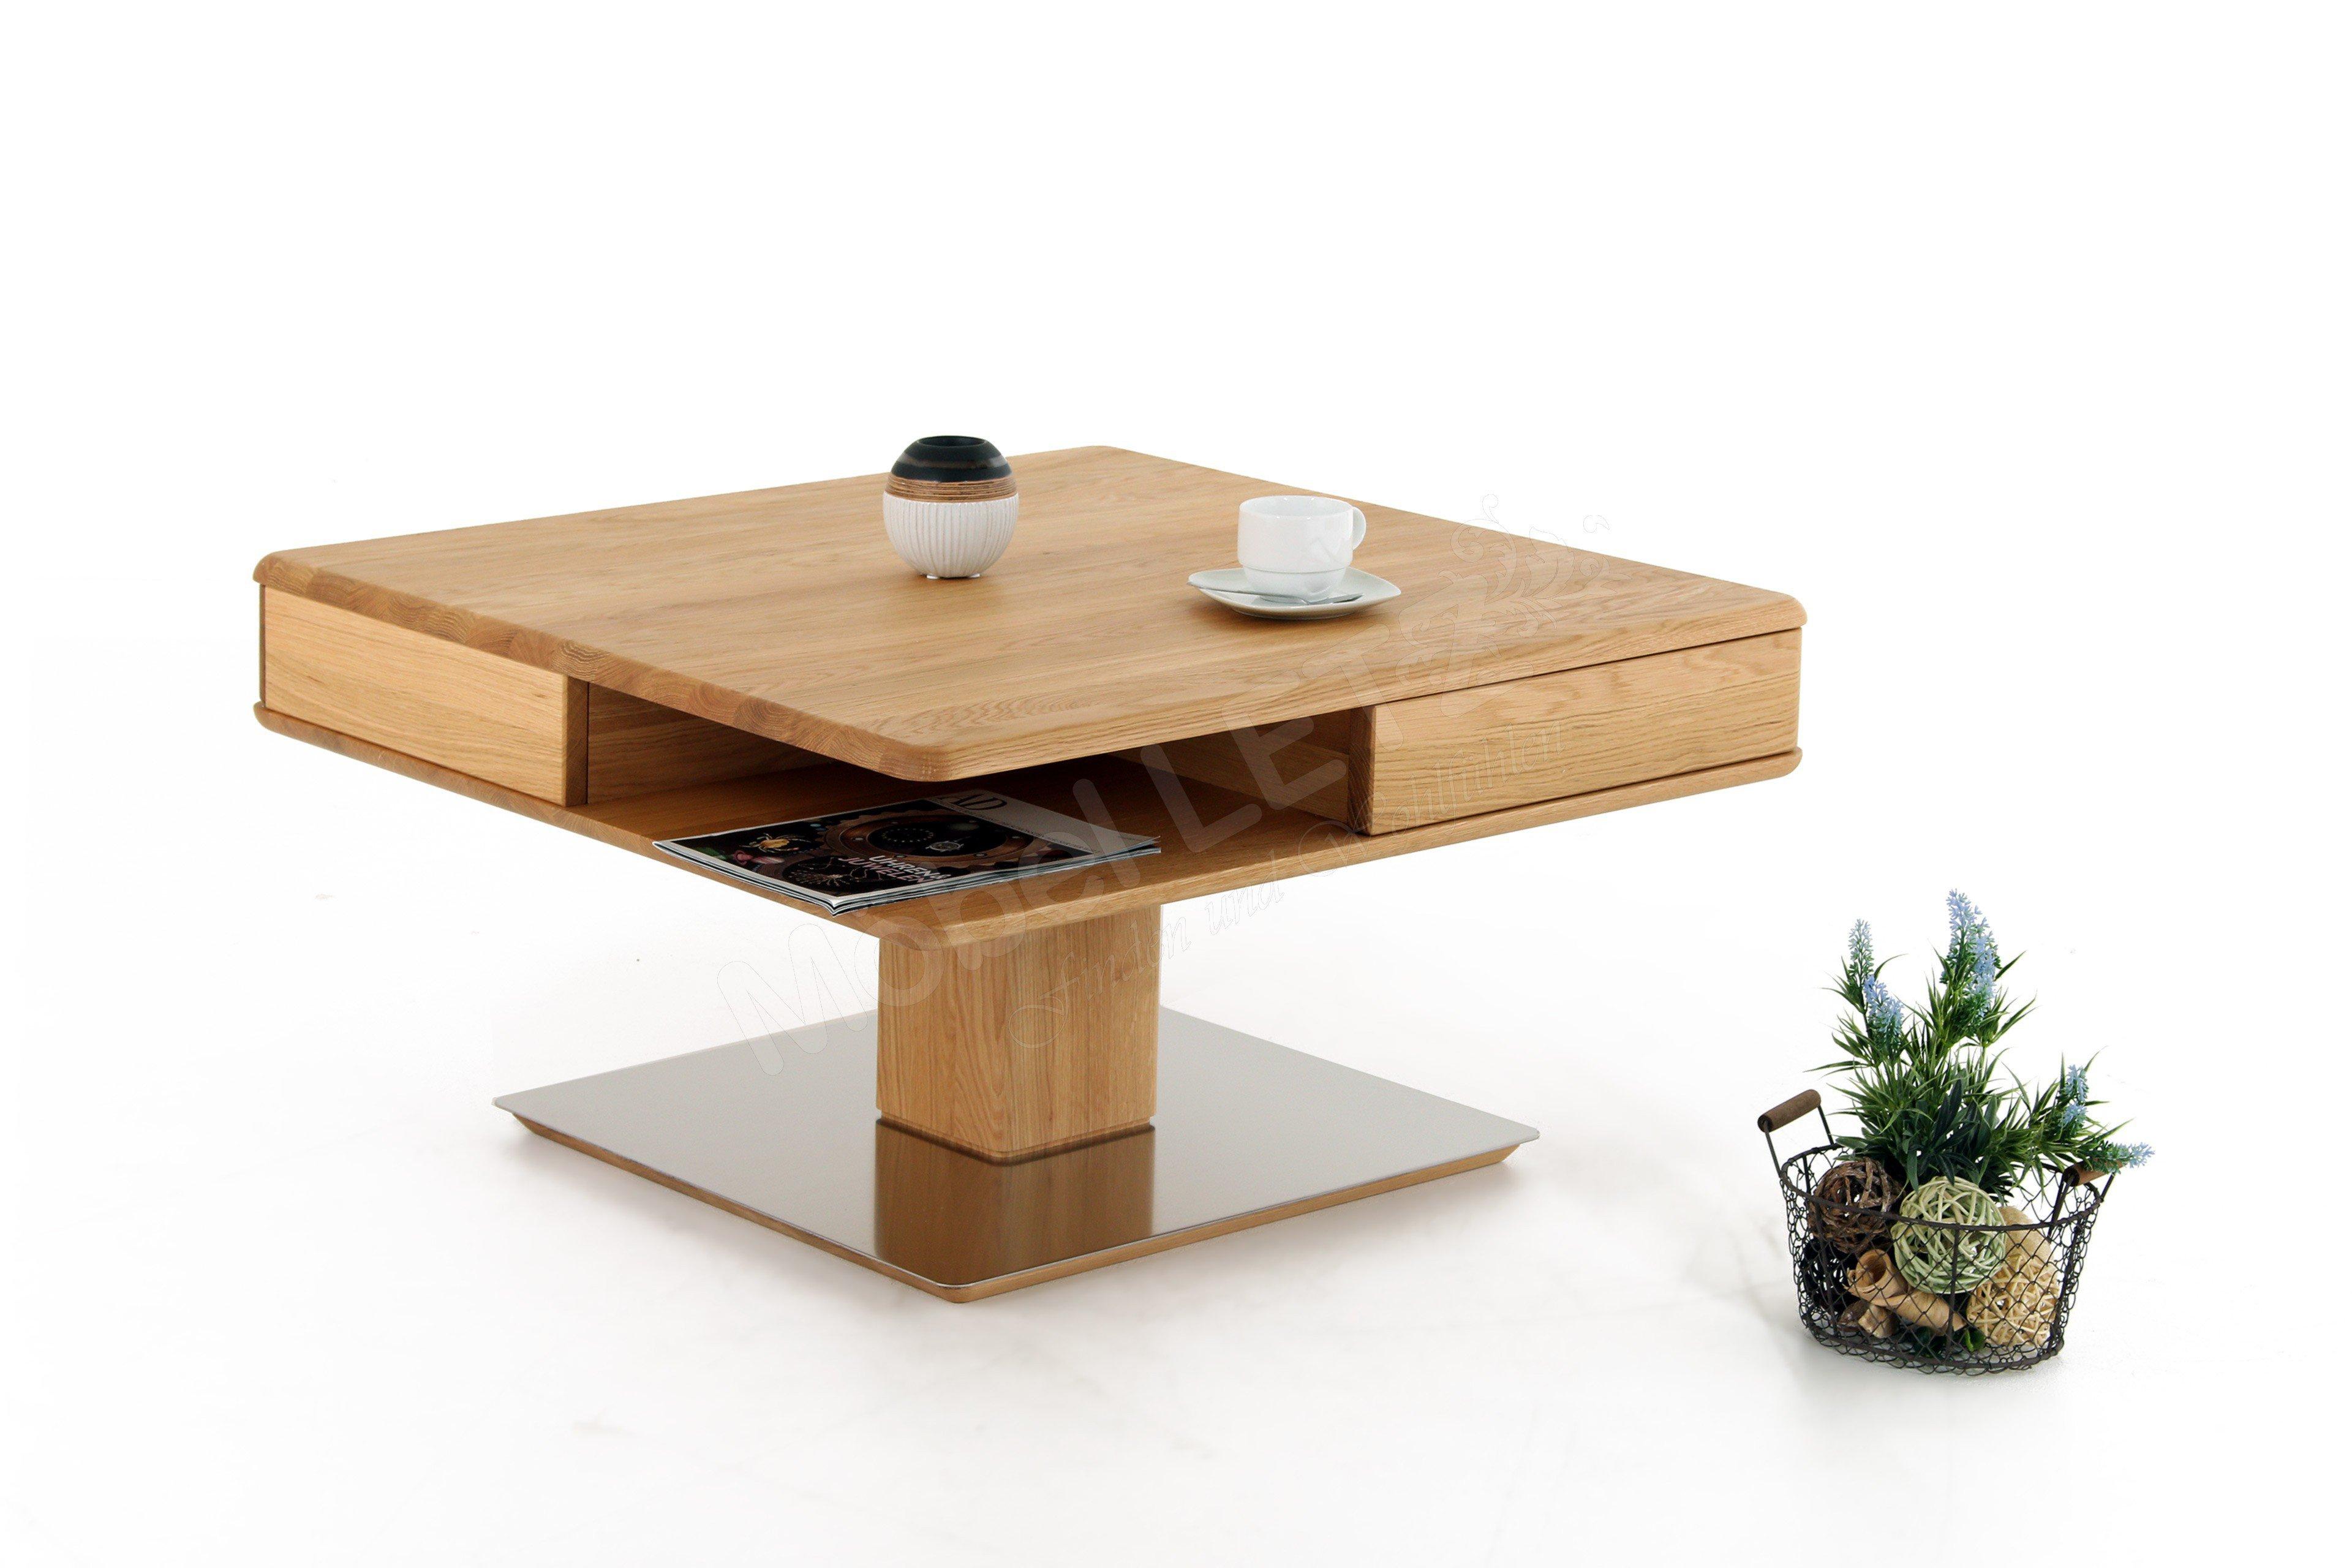 kollektion letz quincy couchtisch 52011000 m bel letz ihr online shop. Black Bedroom Furniture Sets. Home Design Ideas